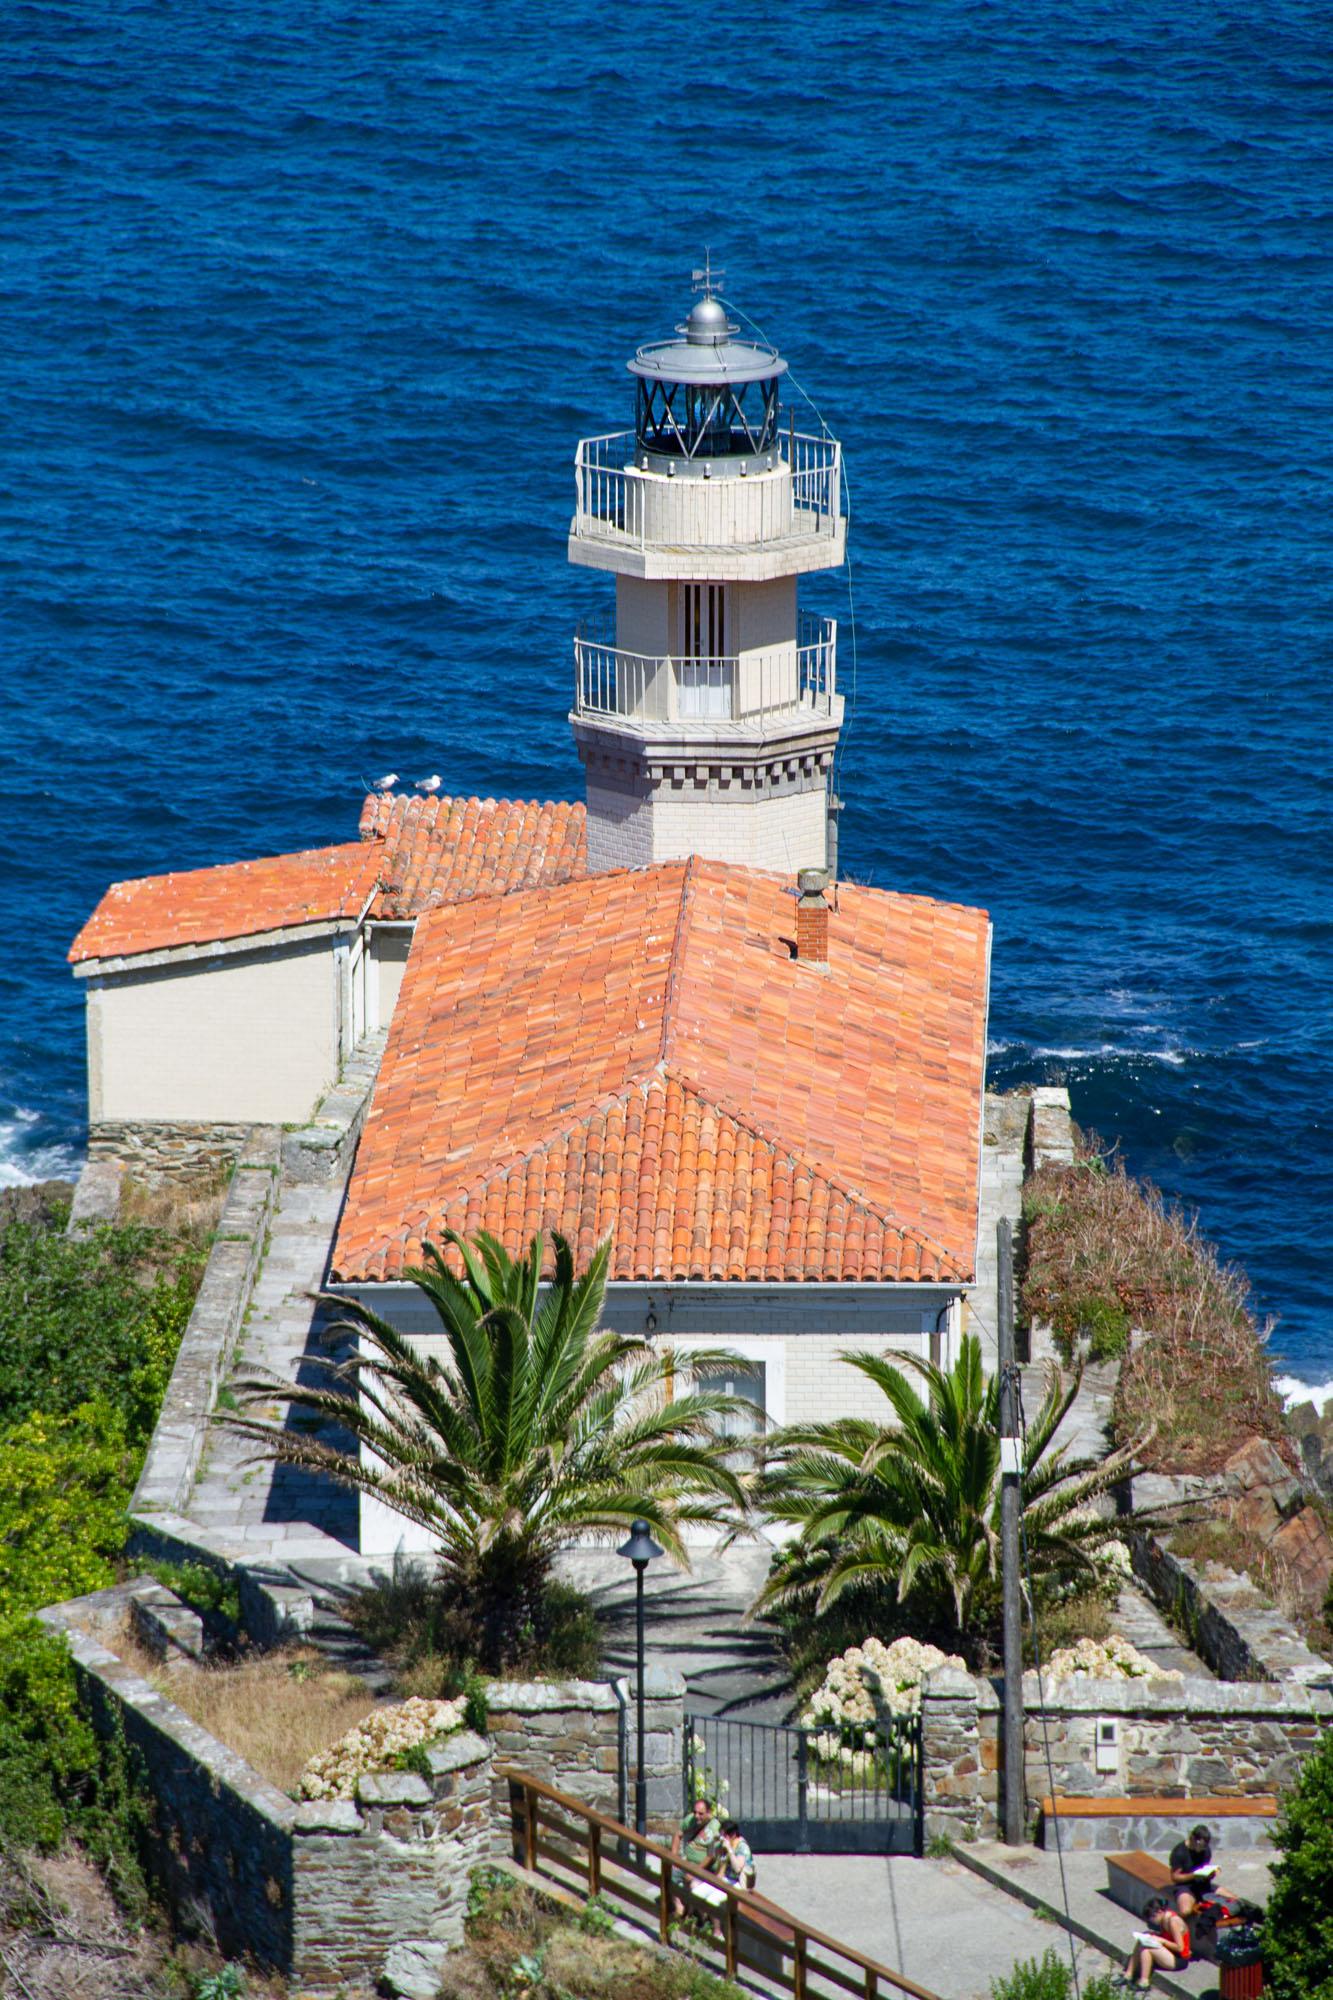 Lighthouses Spain - Asturias, Cudillero